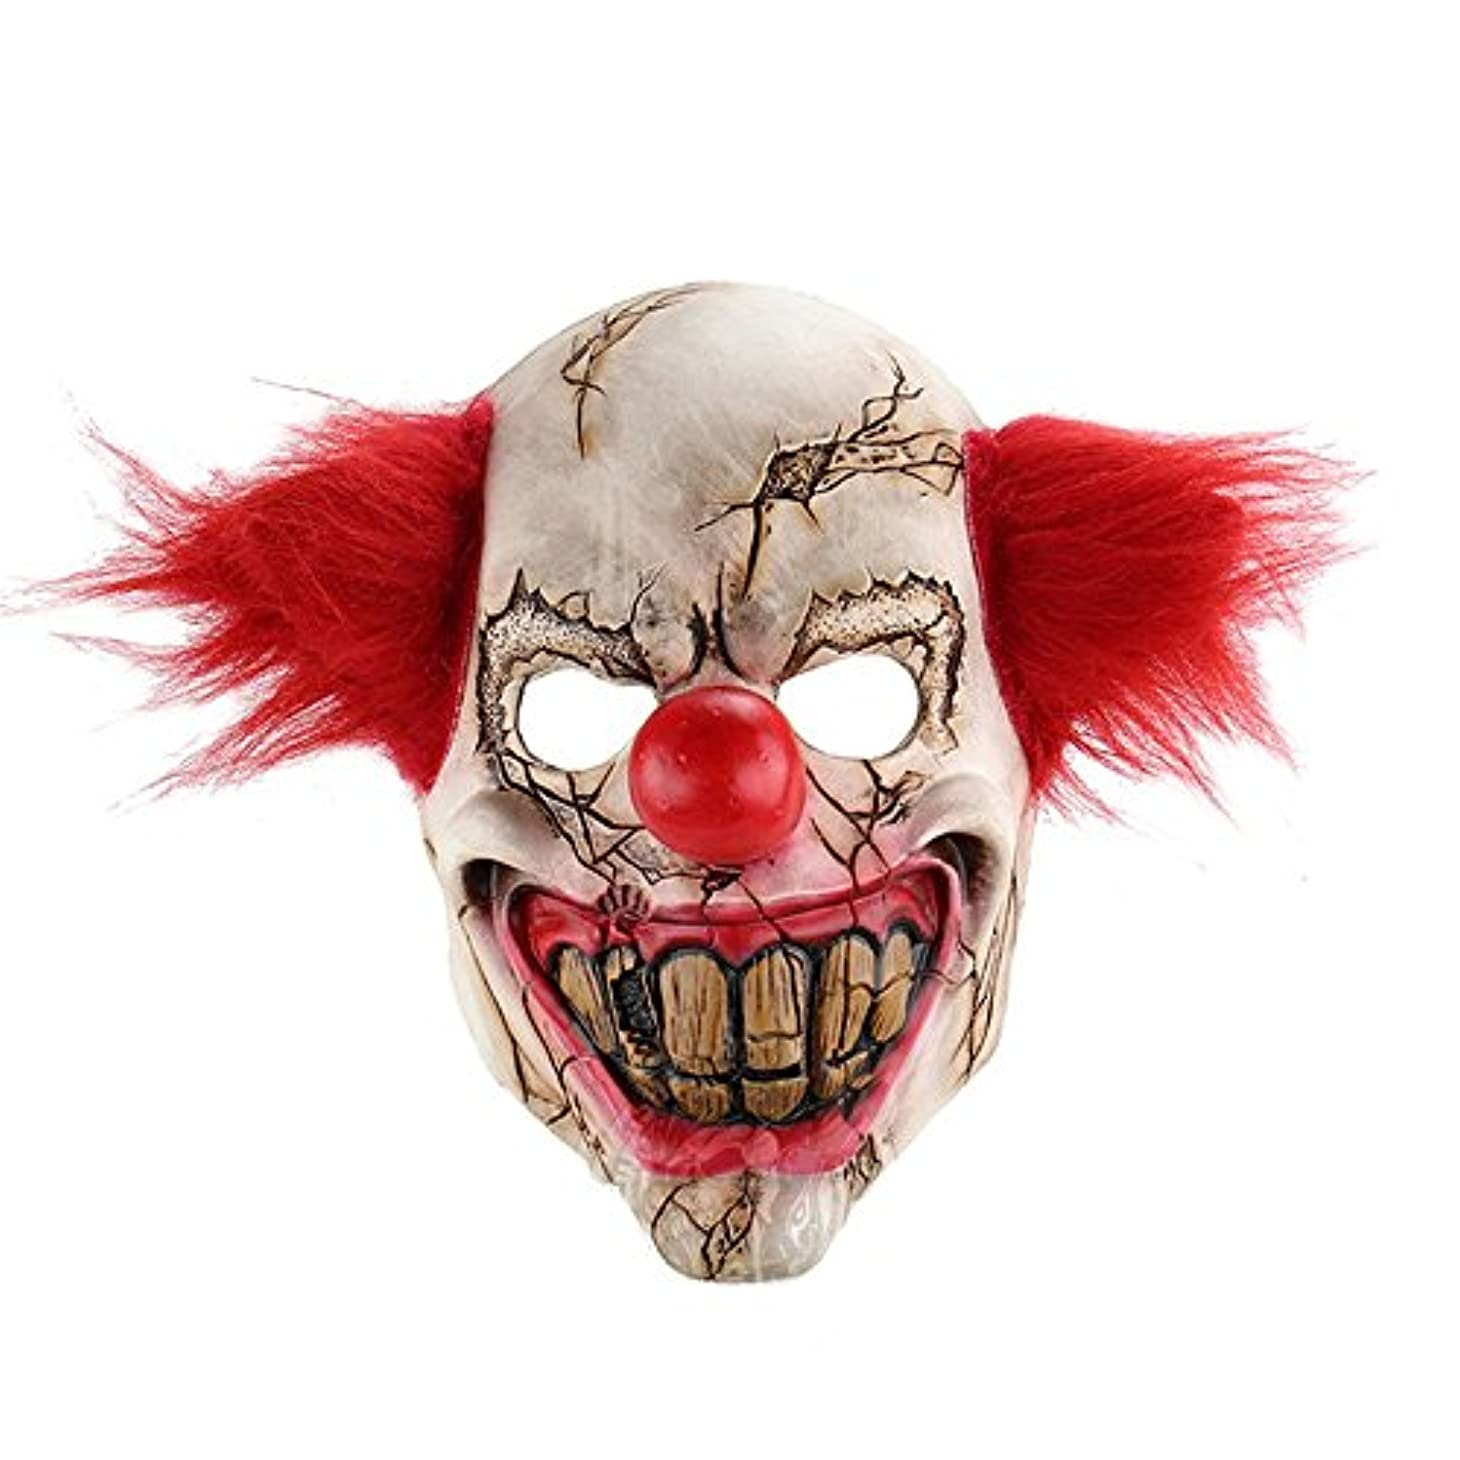 冷蔵庫最愛の経験的ホラーゴーストフェイスピエロハロウィーンクリスマス婚約バーダンスパーティー小道具奇妙なラテックス怖いマスク